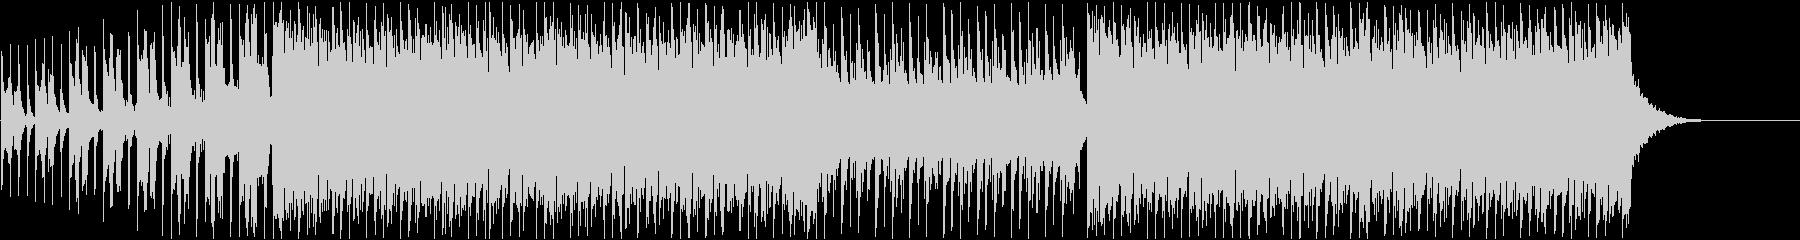 ビート感の強いハウス曲の未再生の波形